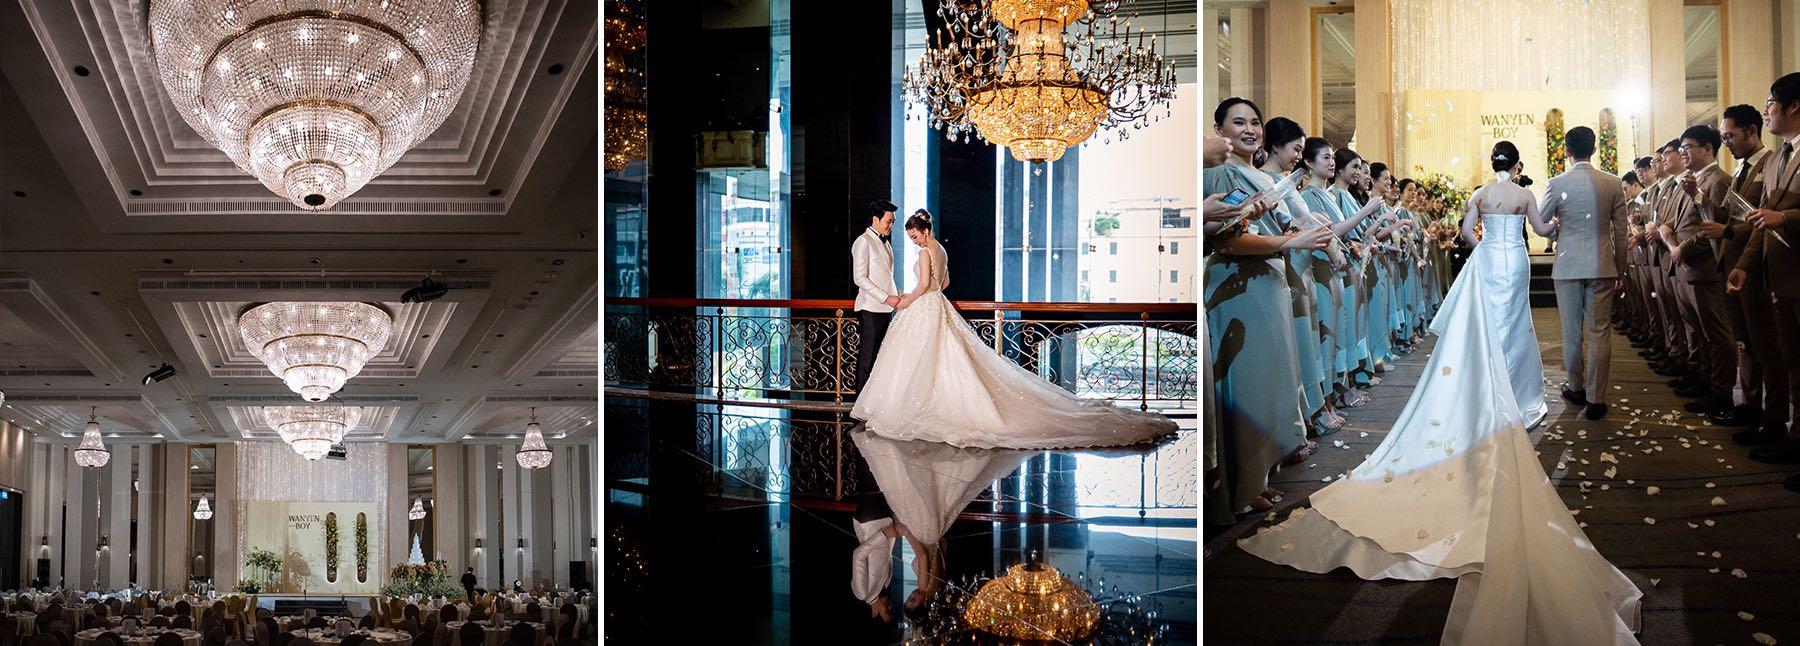 แพคเกจงานแต่งงาน